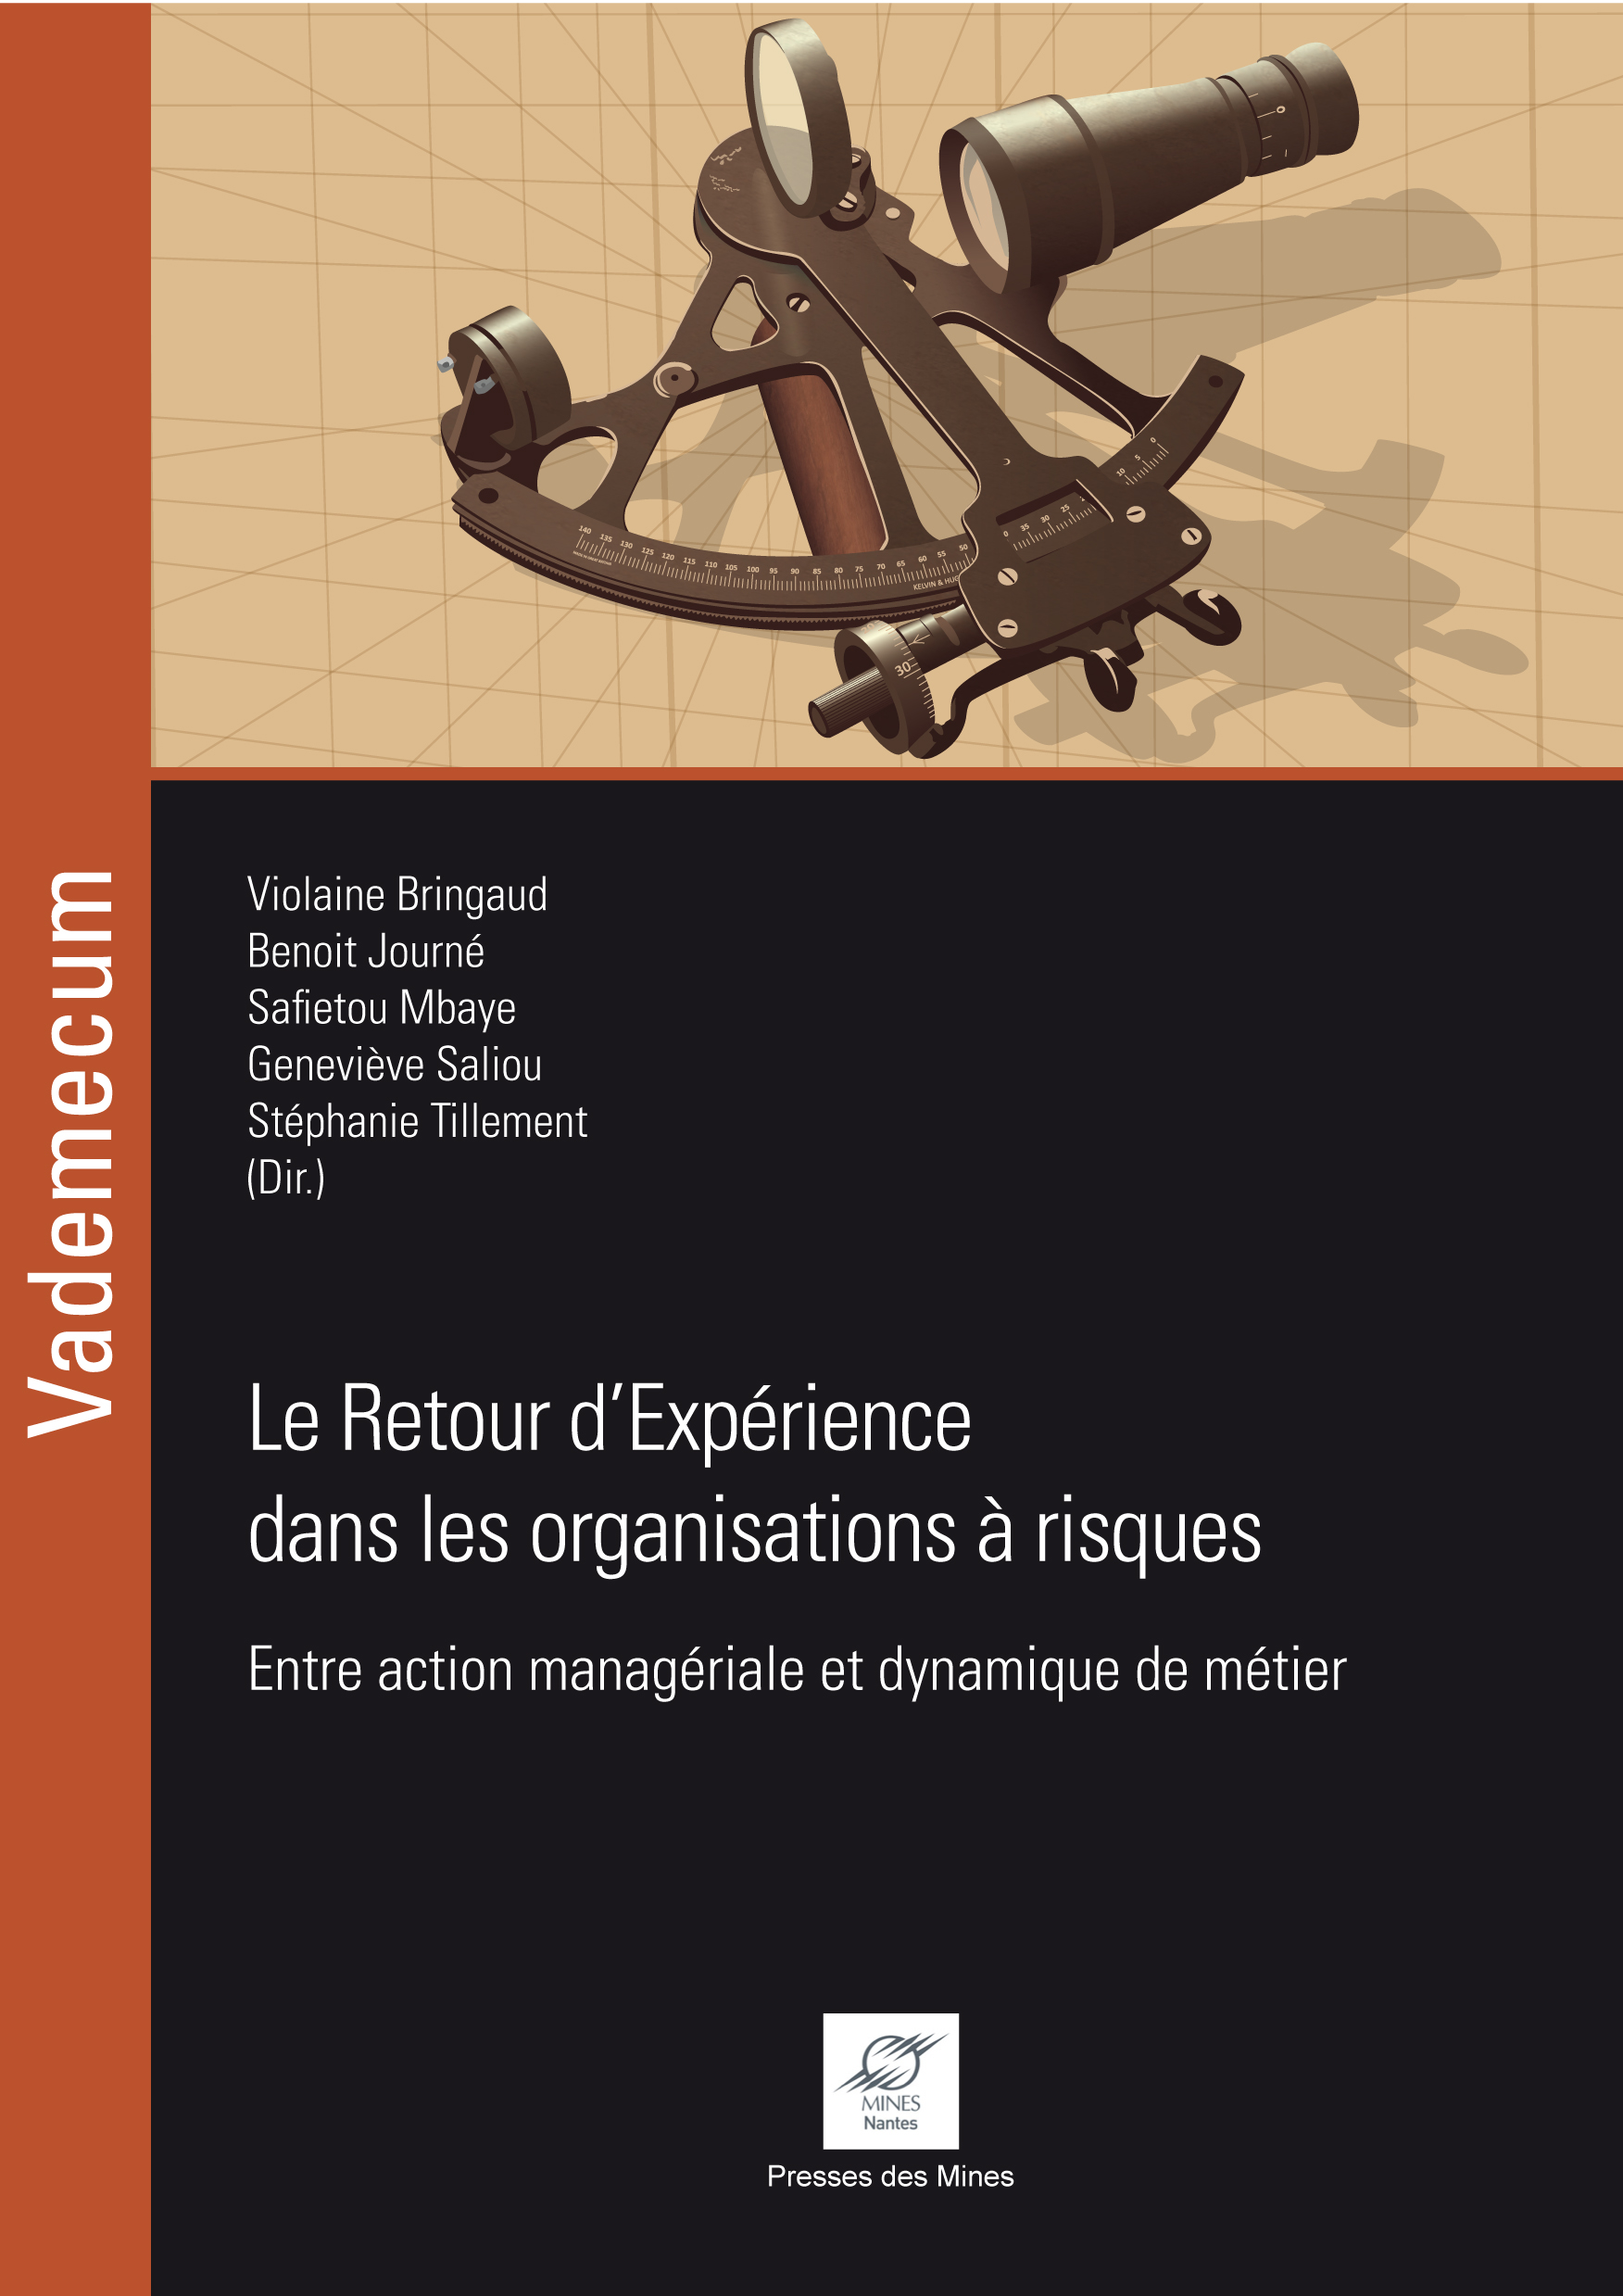 Le Retour d'Expérience dans les organisations à risques-0